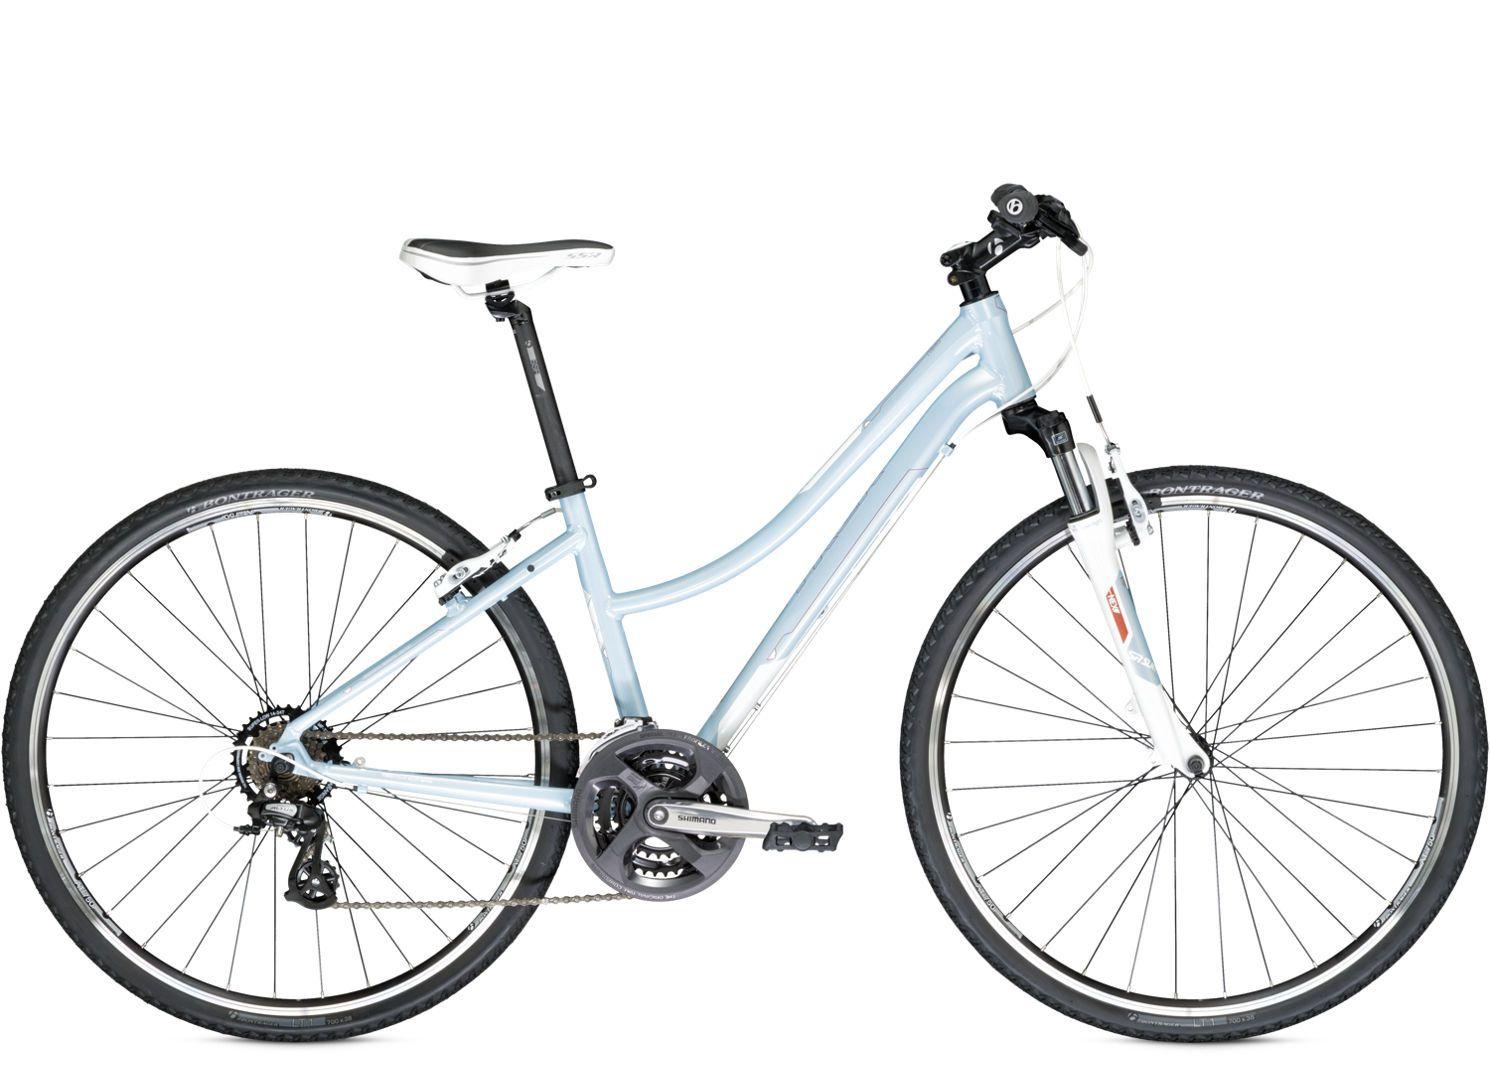 Neko by Trek Hybrid bike, Trek bicycle, Trek bikes